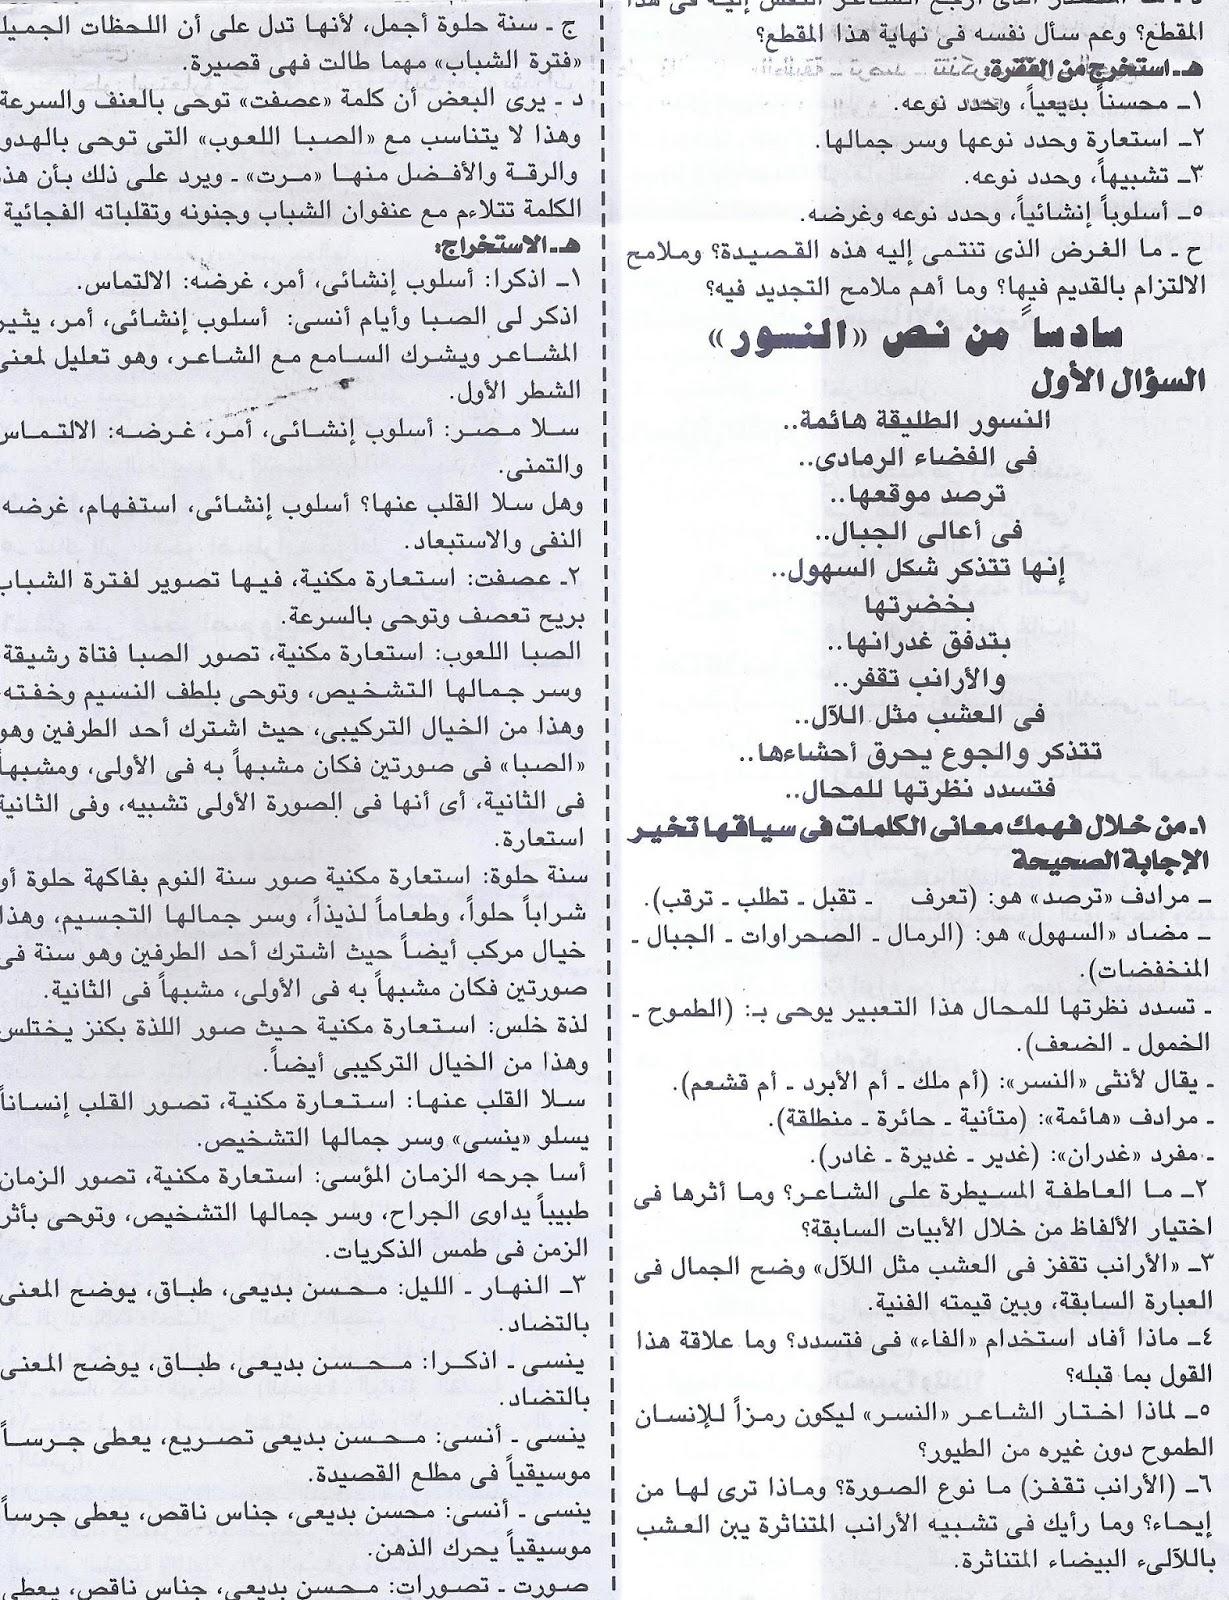 اهم توقعات النصوص للثانوية العامة.. ملحق الجمهورية التعليمي Scan0027